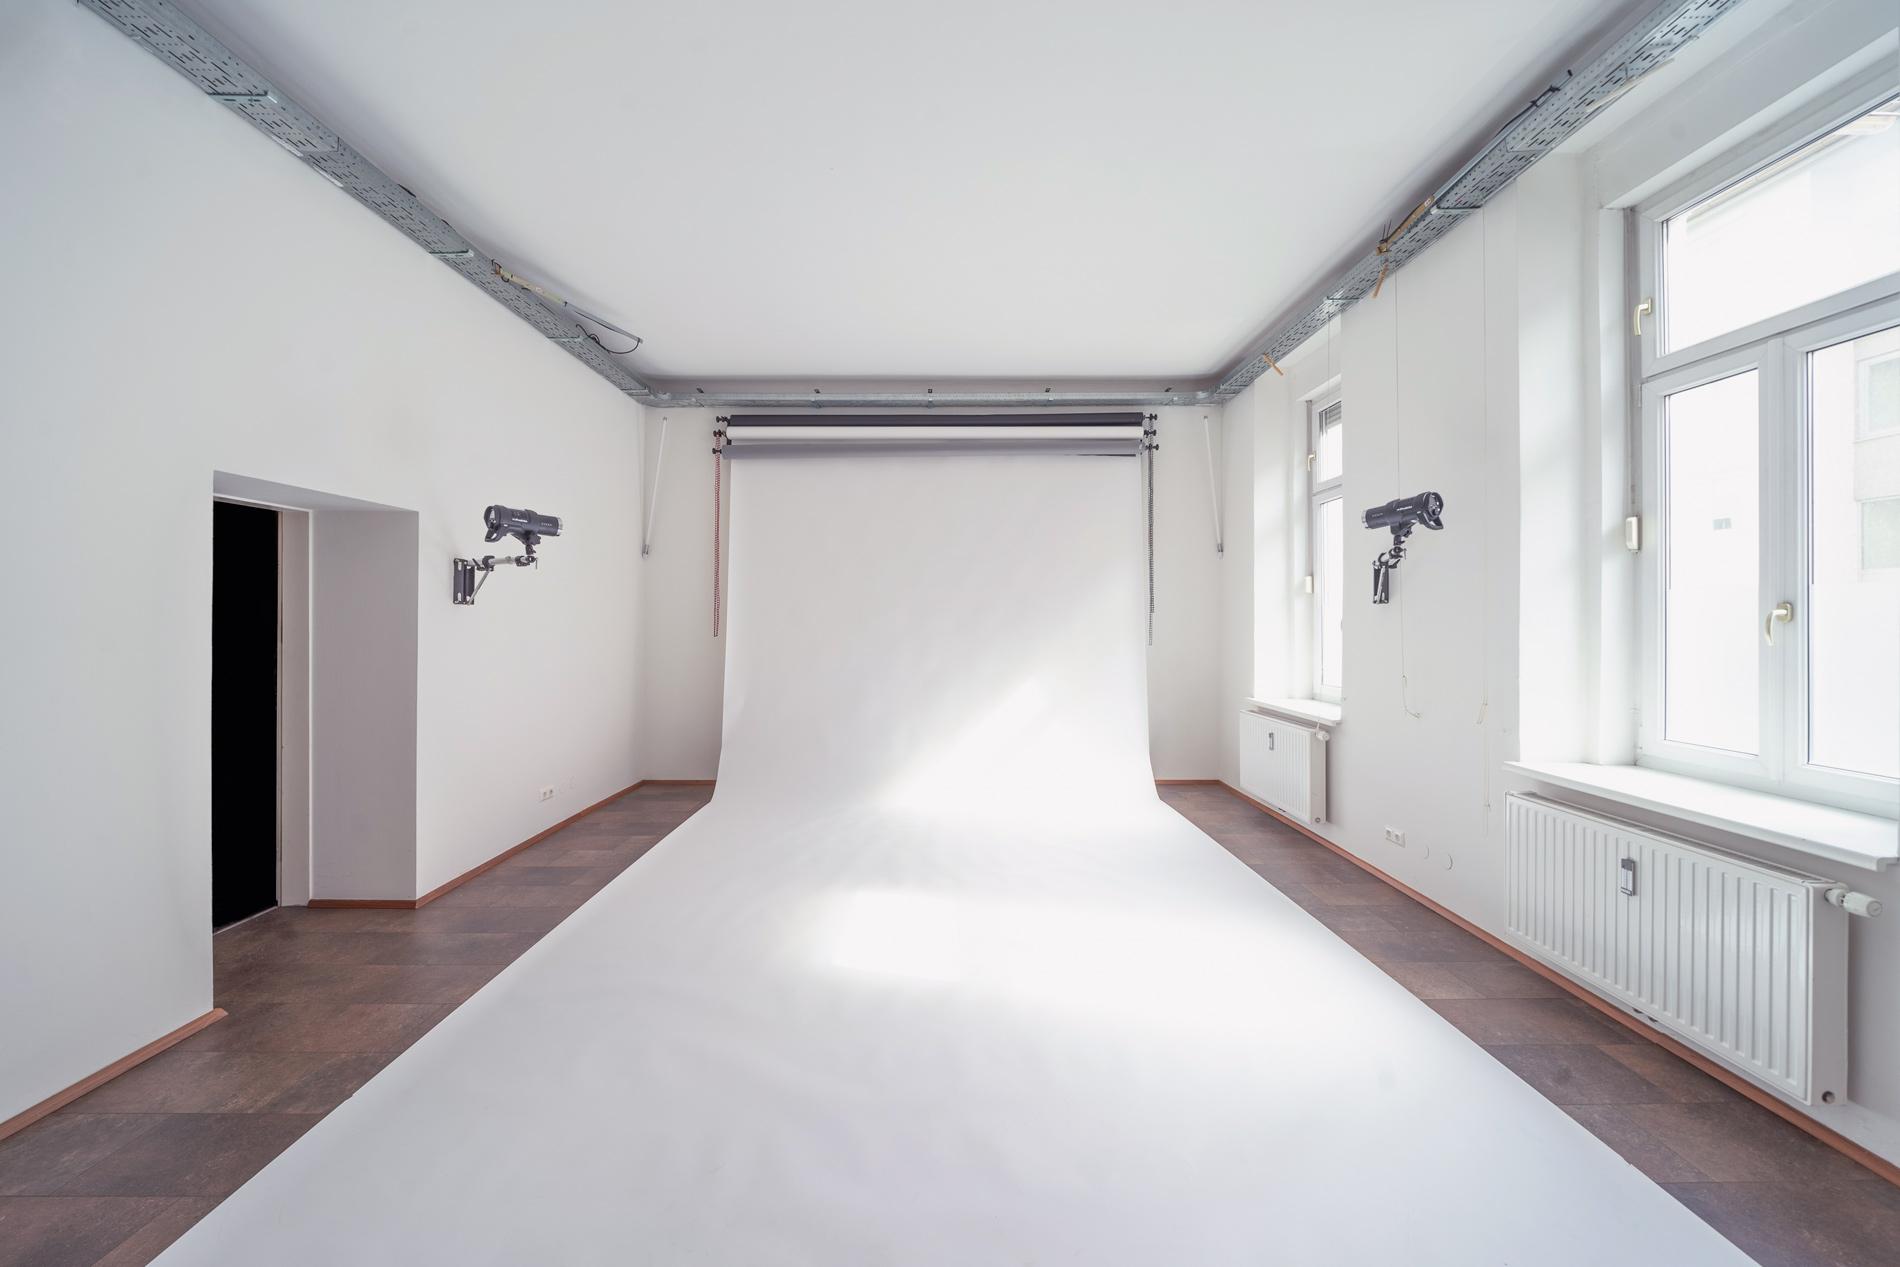 Frontales Foto von der Studiofläche des Fotostudio Blendpunkt in Graz